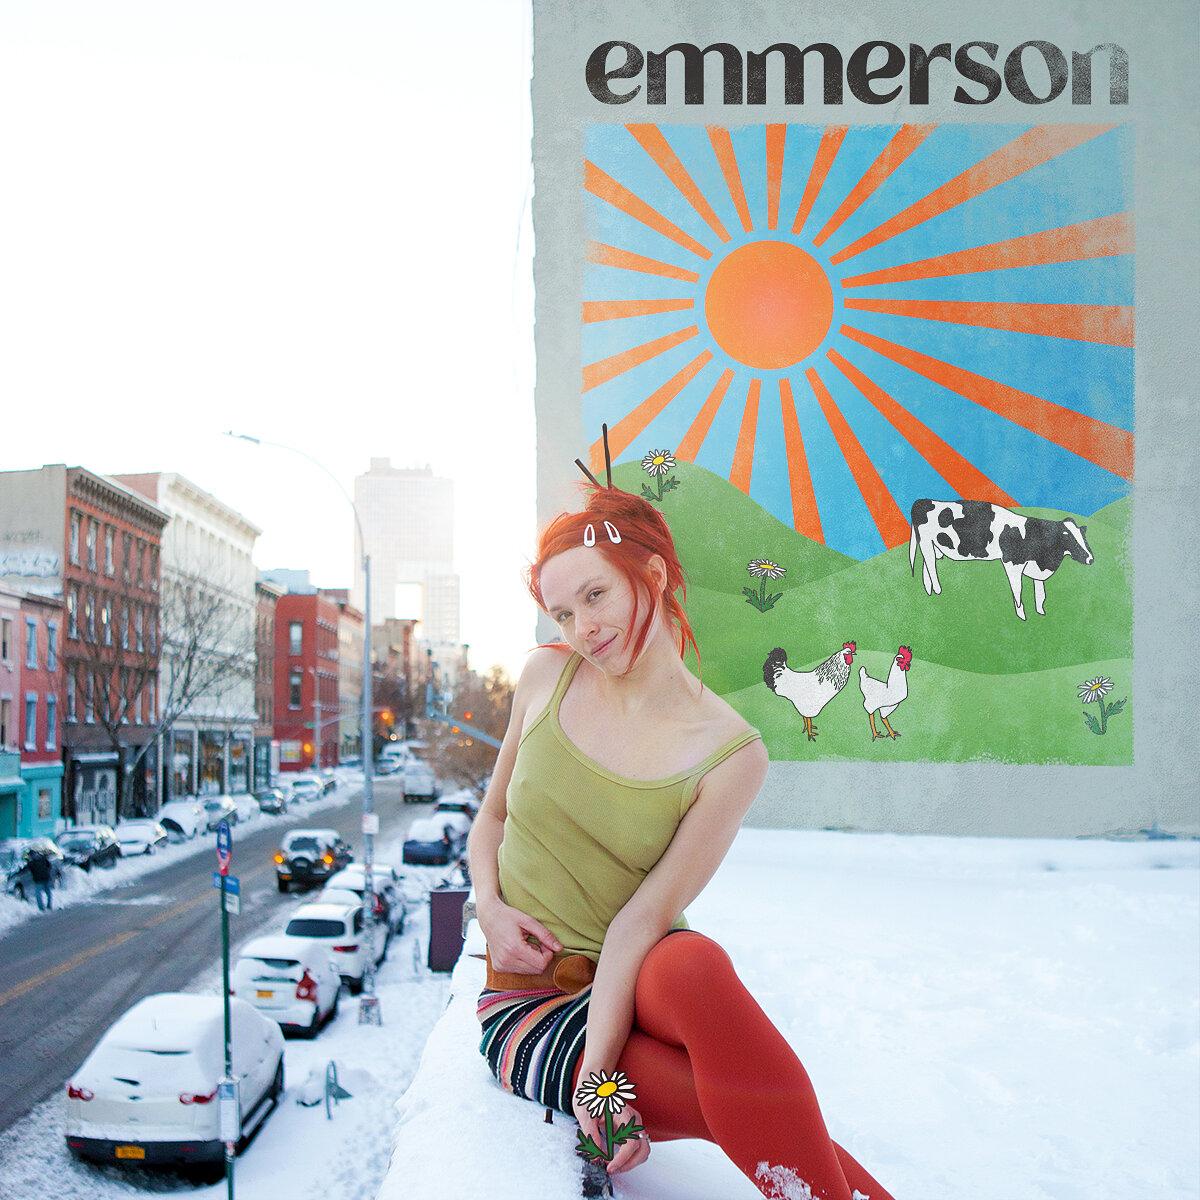 Emmerson & Her Clammy Hands.